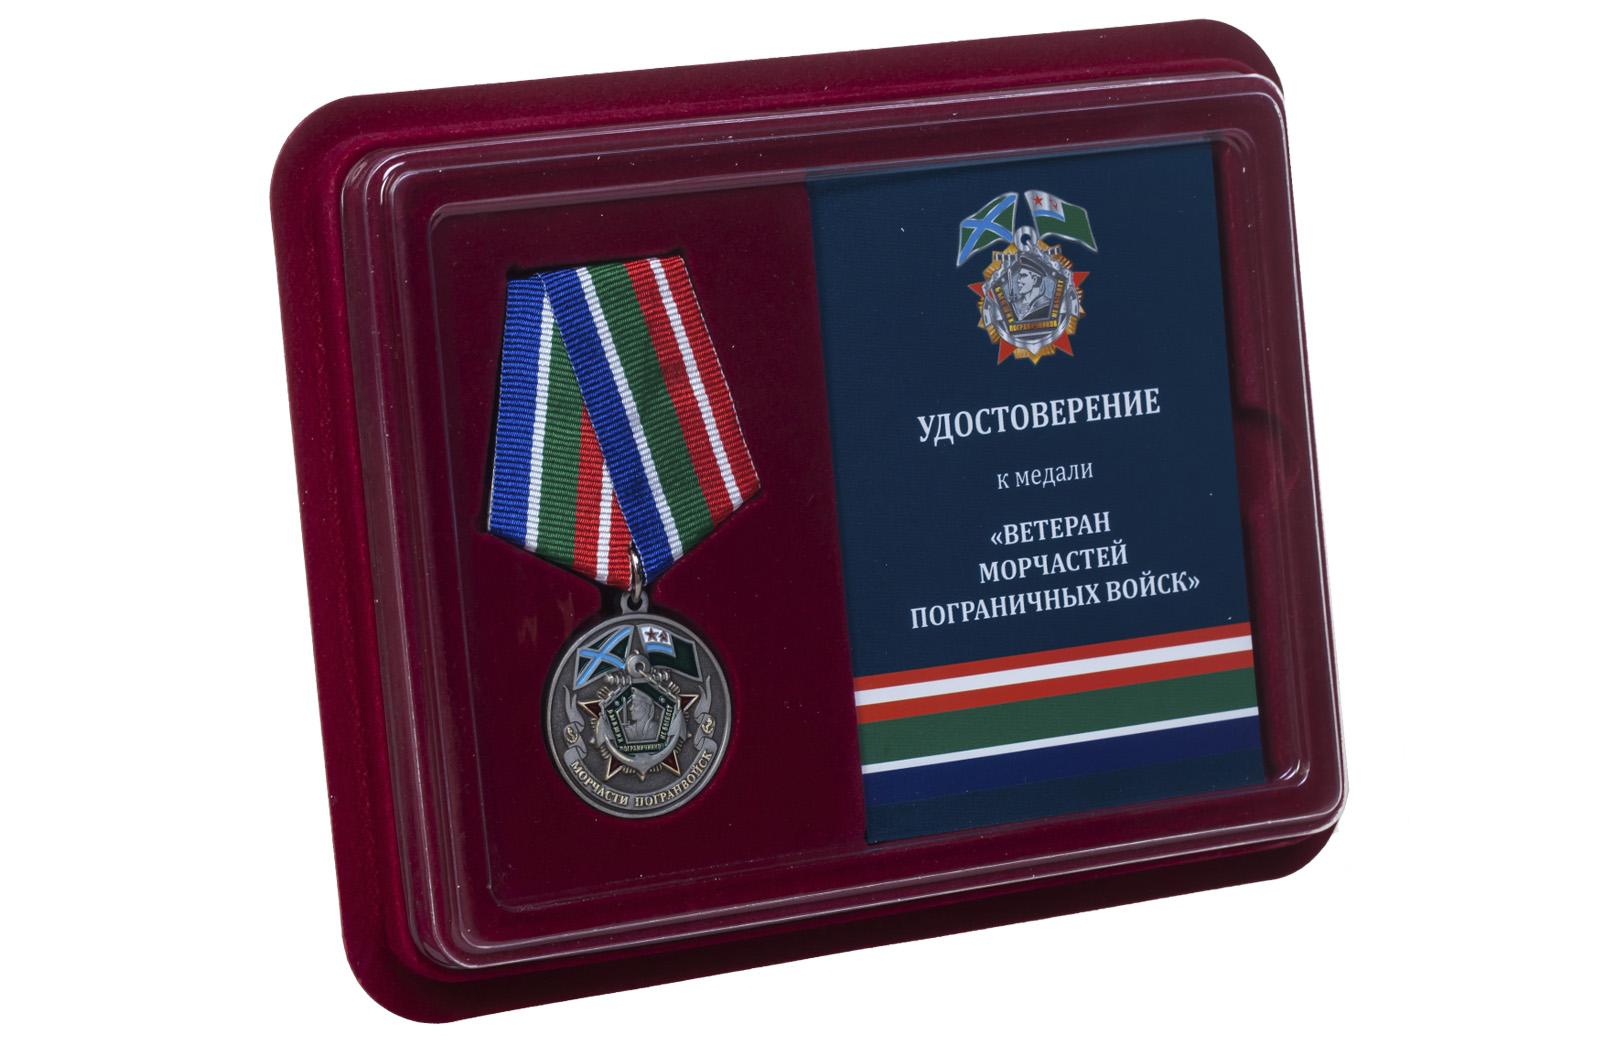 Купить медаль Ветеран Морчастей Погранвойск выгодно с доставкой